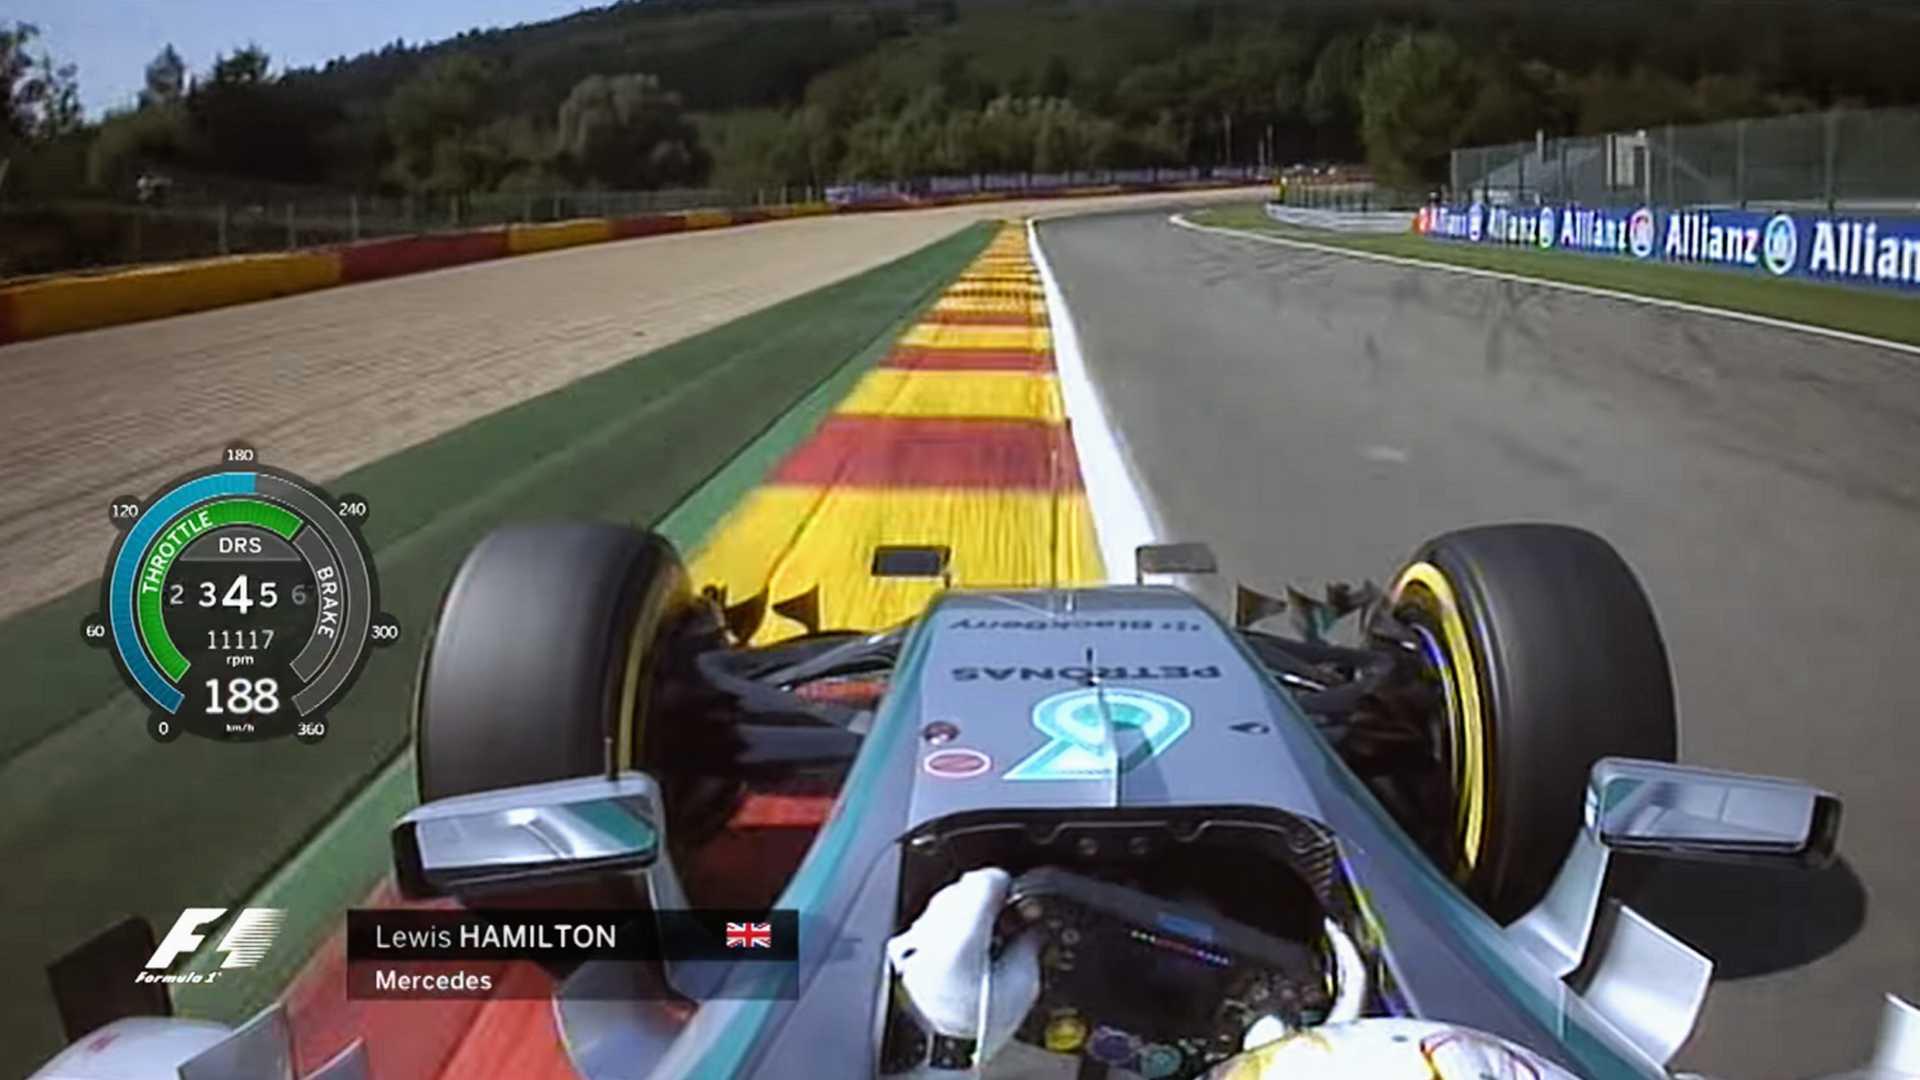 VN BELGIJE Circuit de Spa-Francorchamps Sektor 2 Slika 3